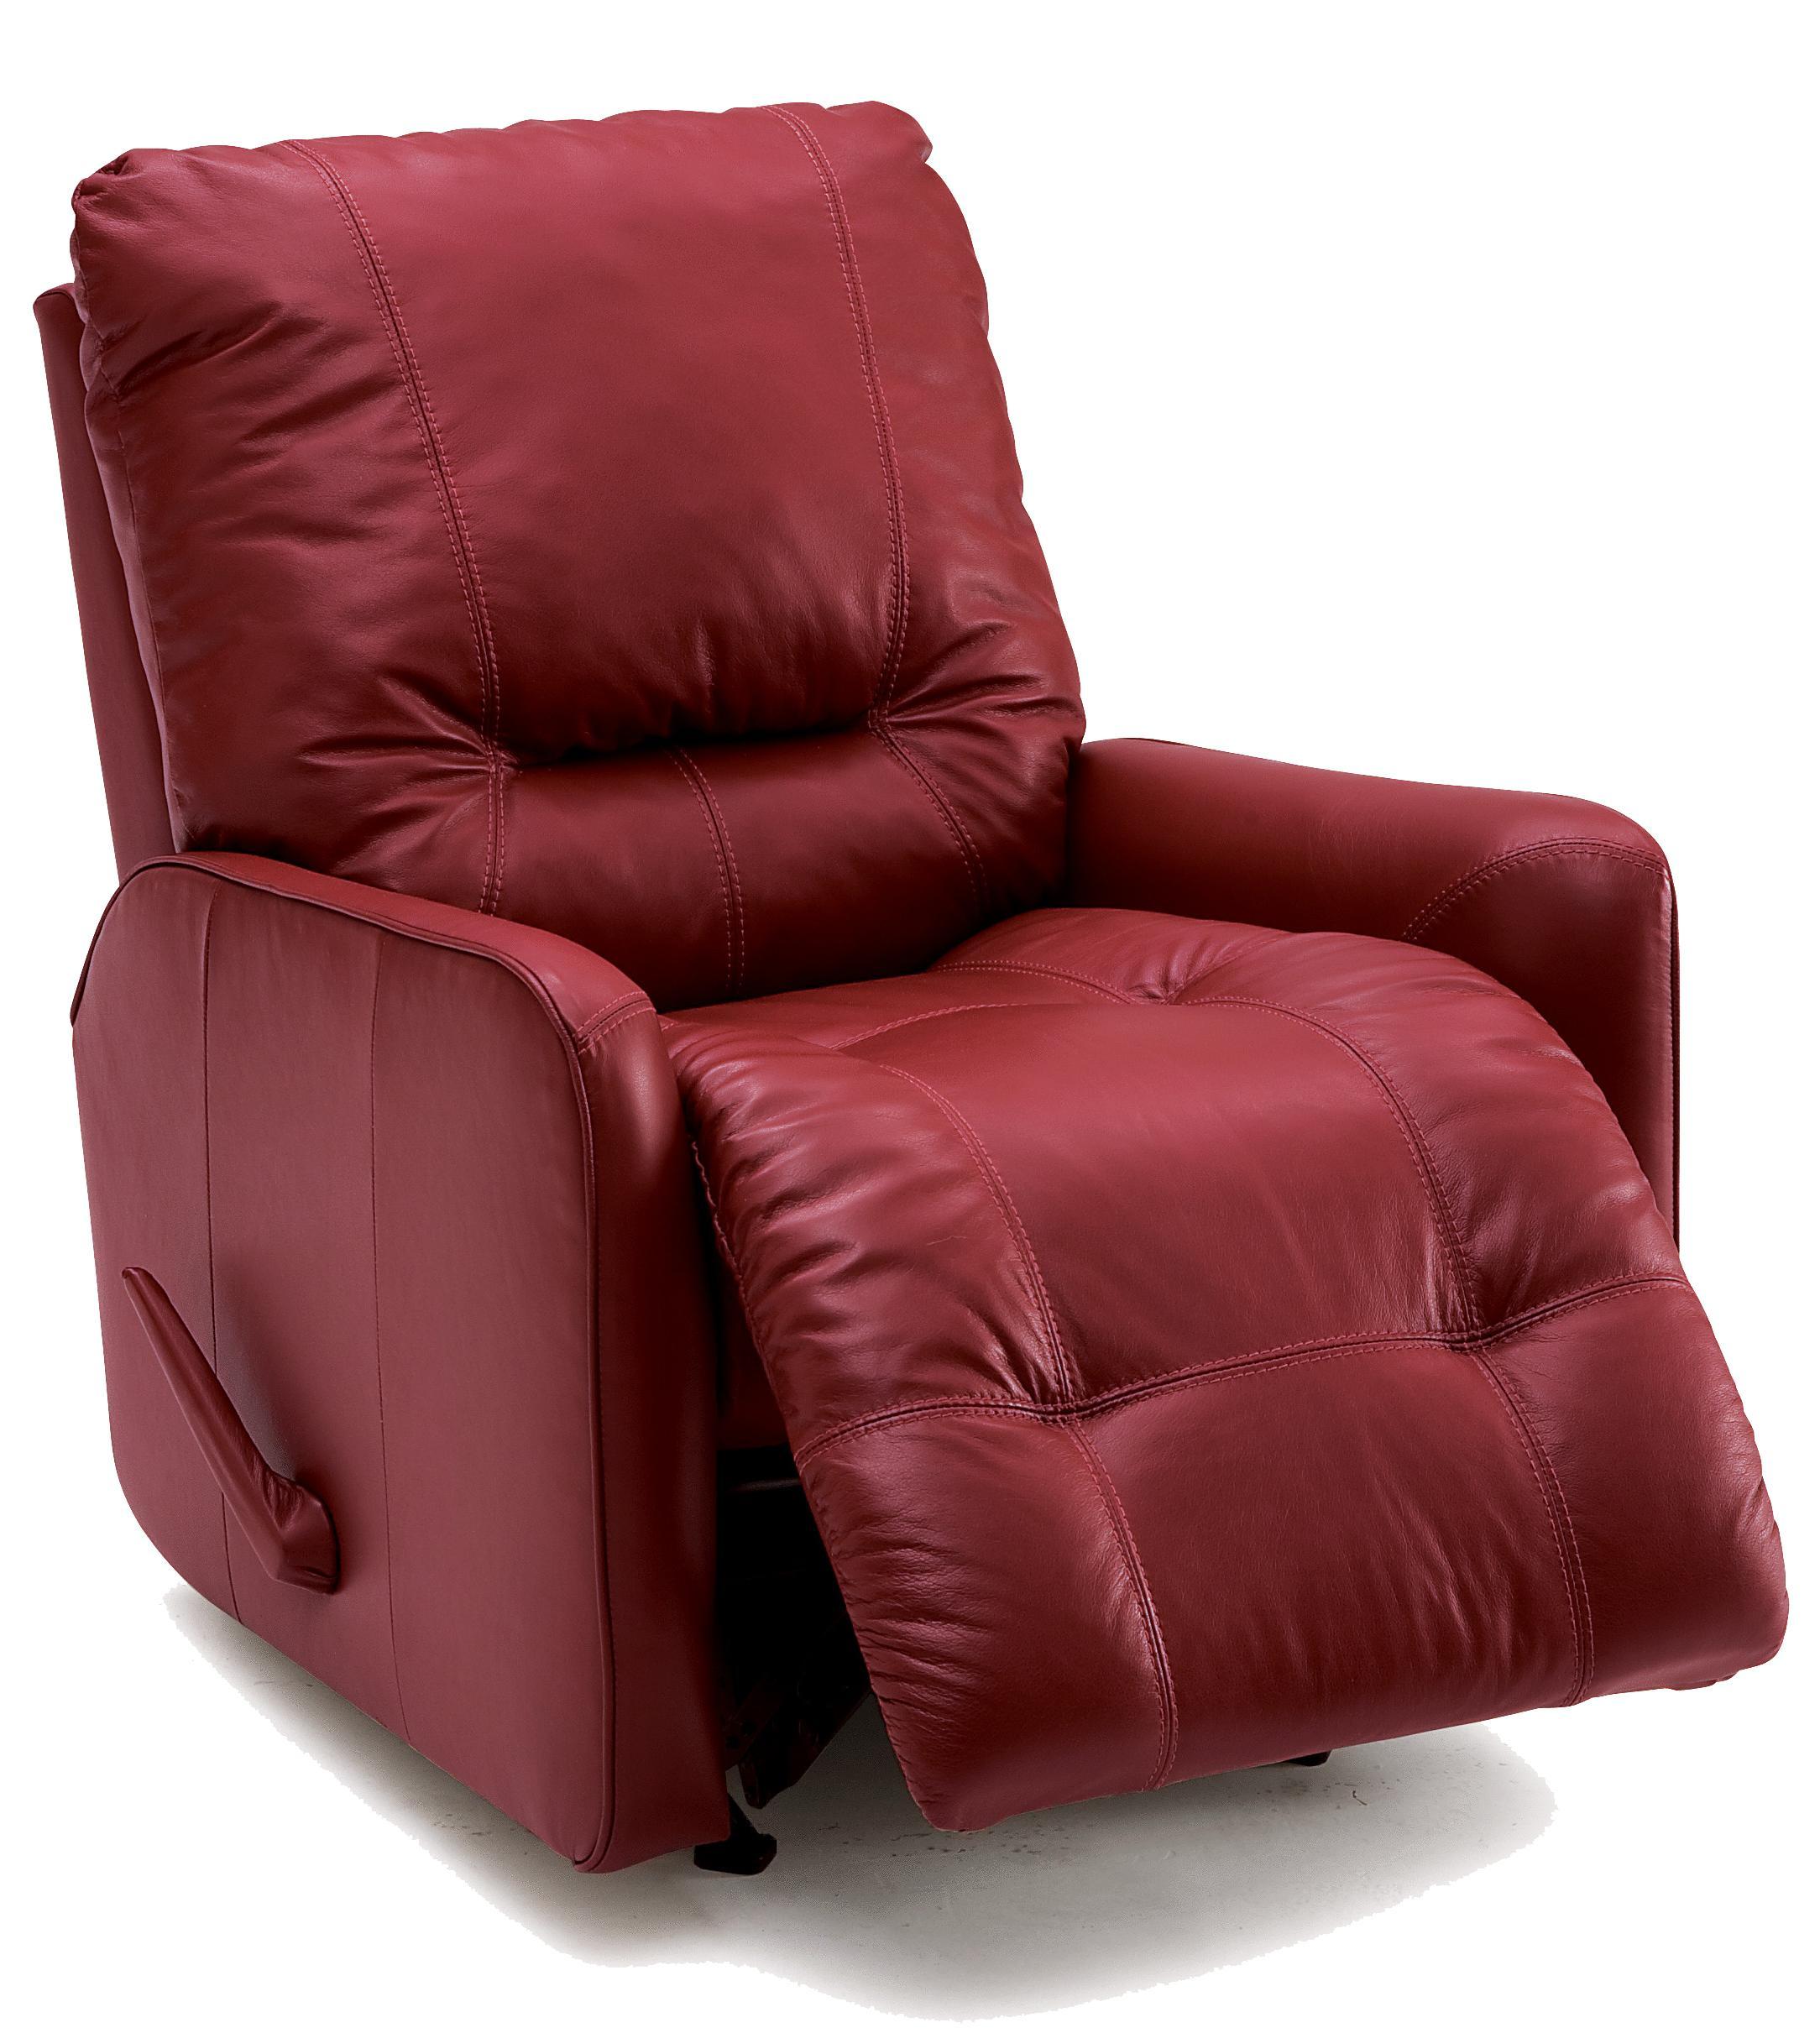 Palliser Samara 43015 36 Convenient Power Lift Chair